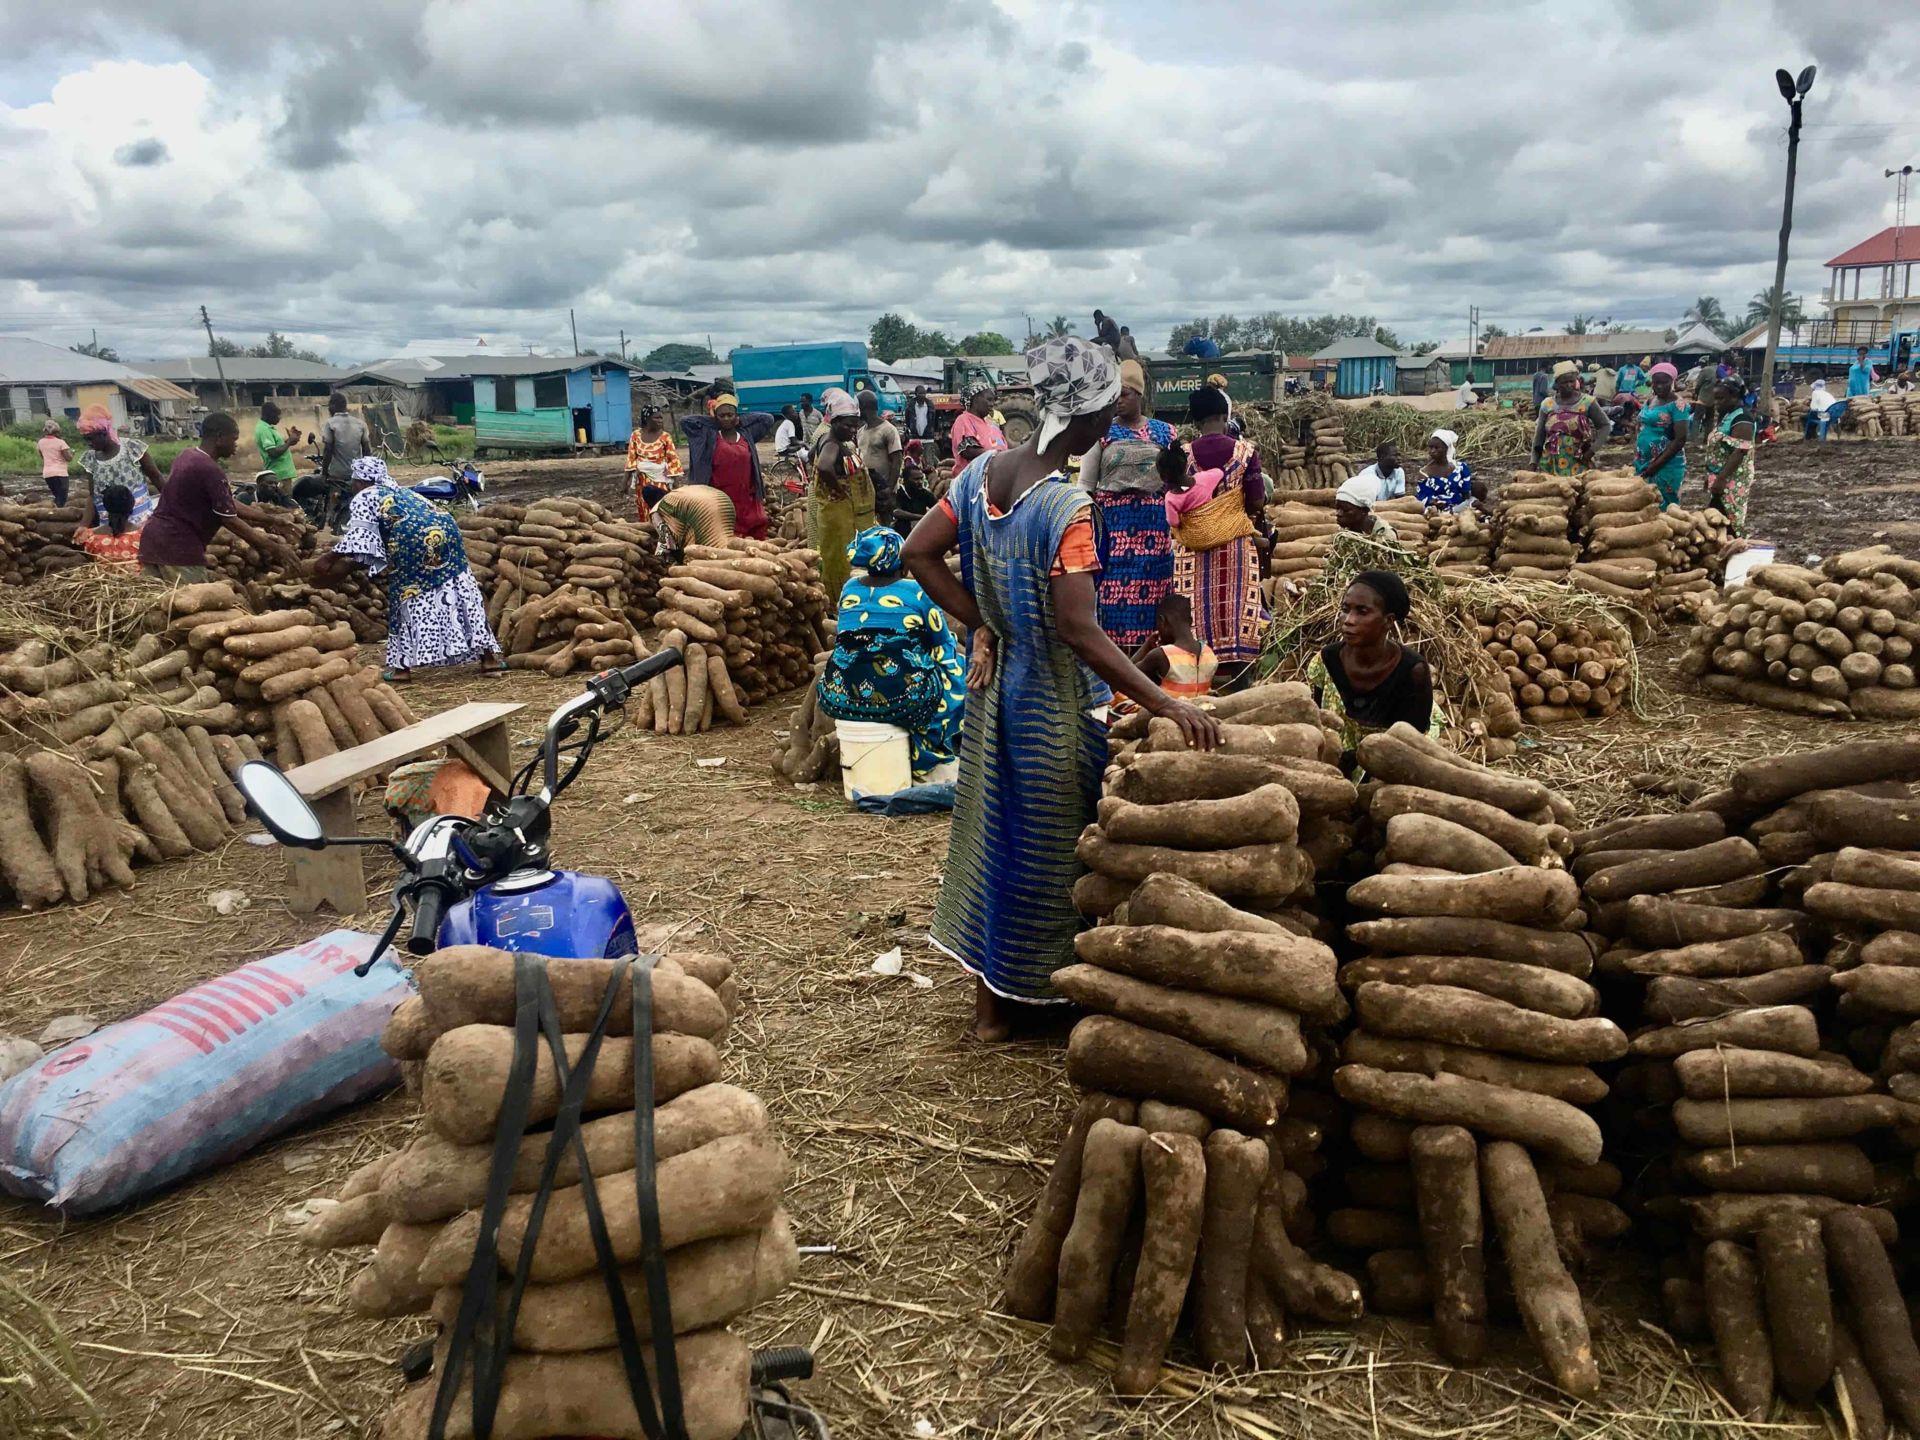 Ghana's Agriculture